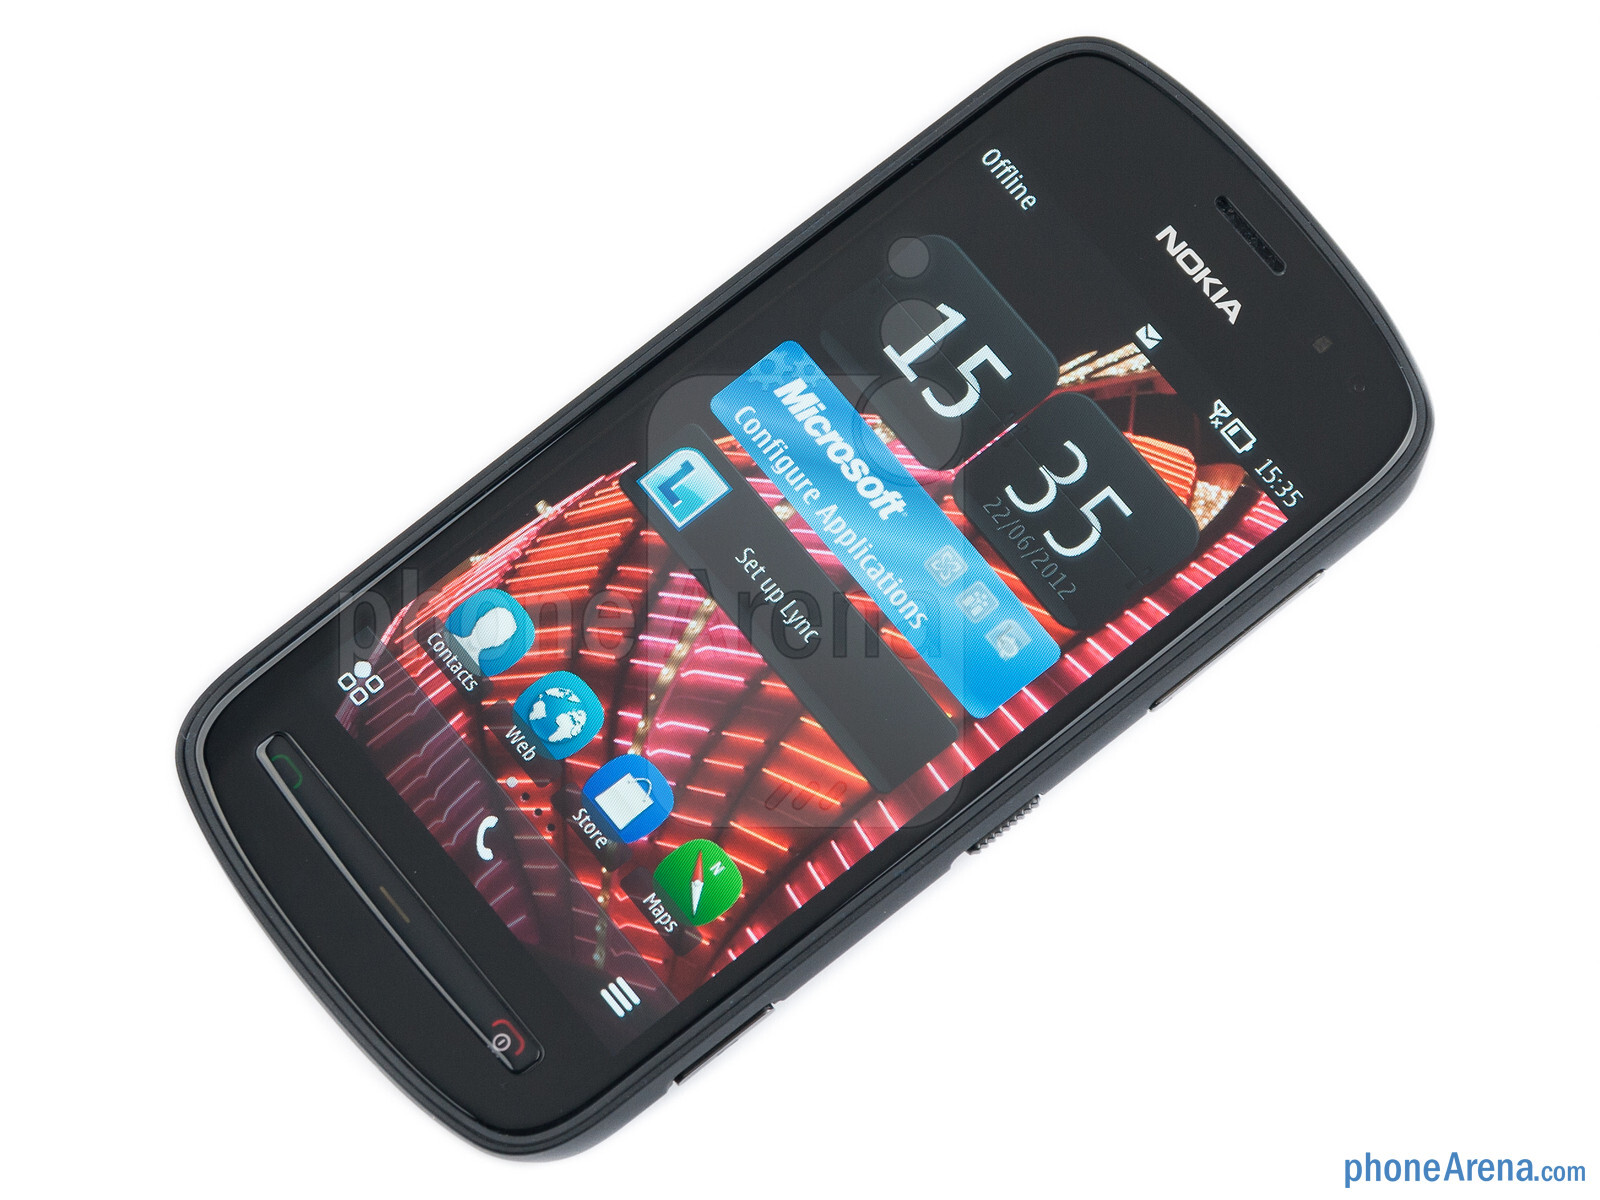 Nokia 808 PureView Review - PhoneArena